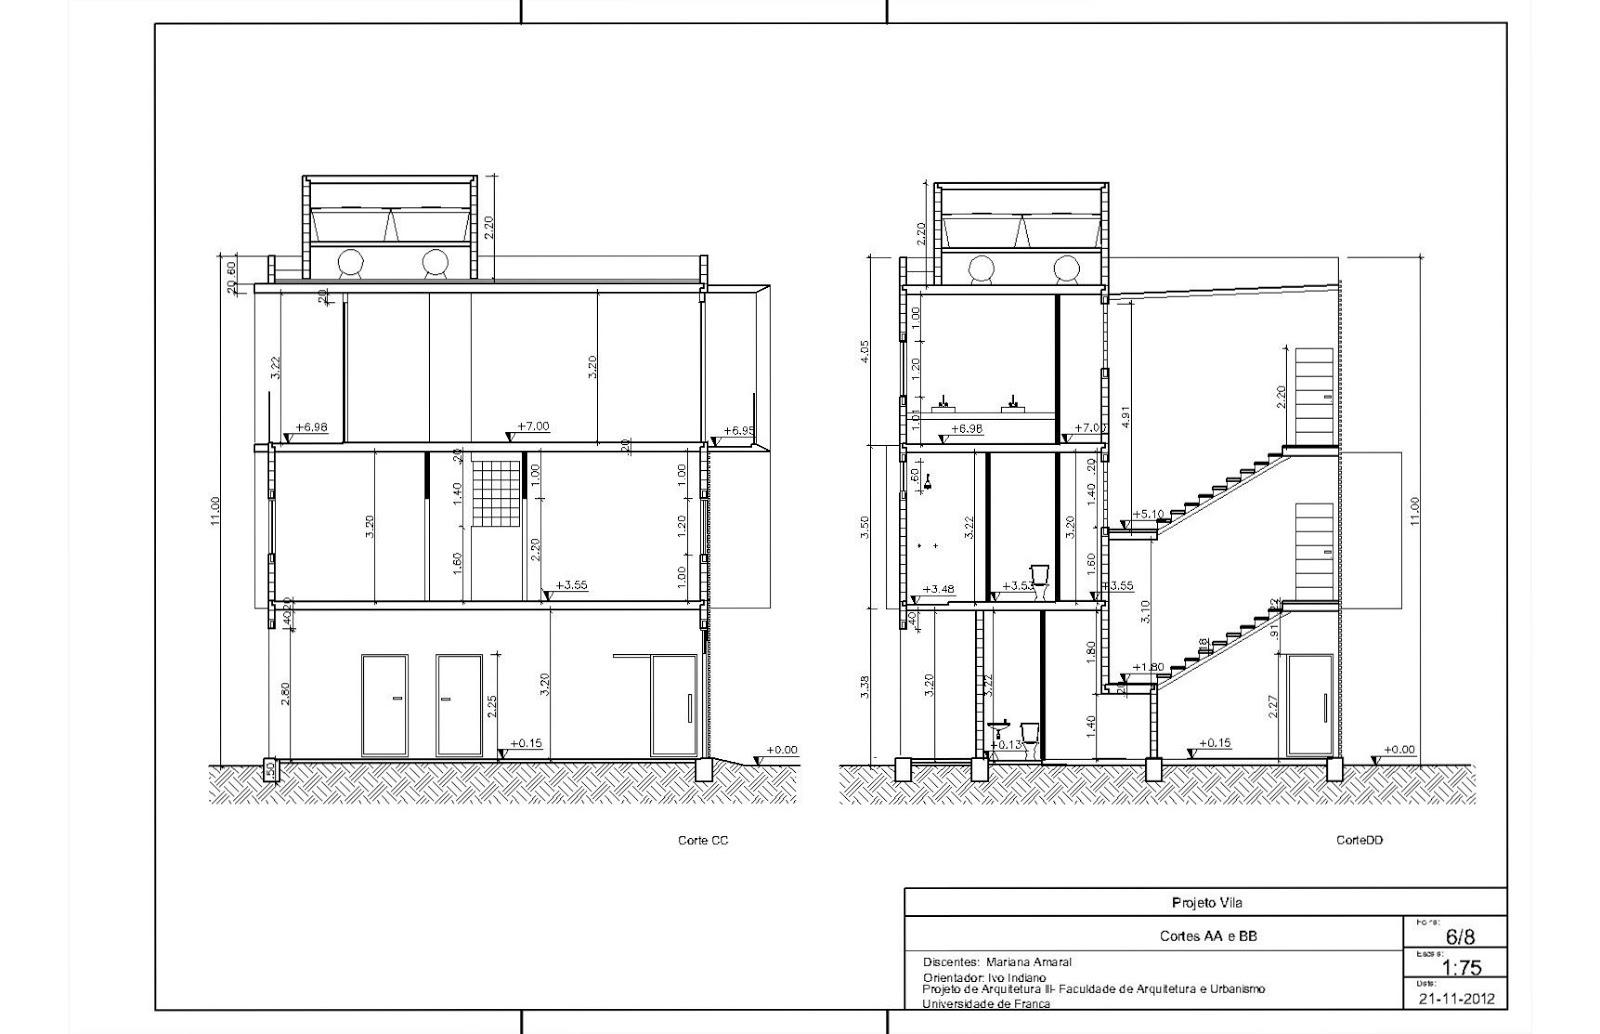 Imagens de #303030 Mariana Amaral Arquitetura: Projeto Final 1600x1034 px 3432 Bloco Cad Banheiro Corte